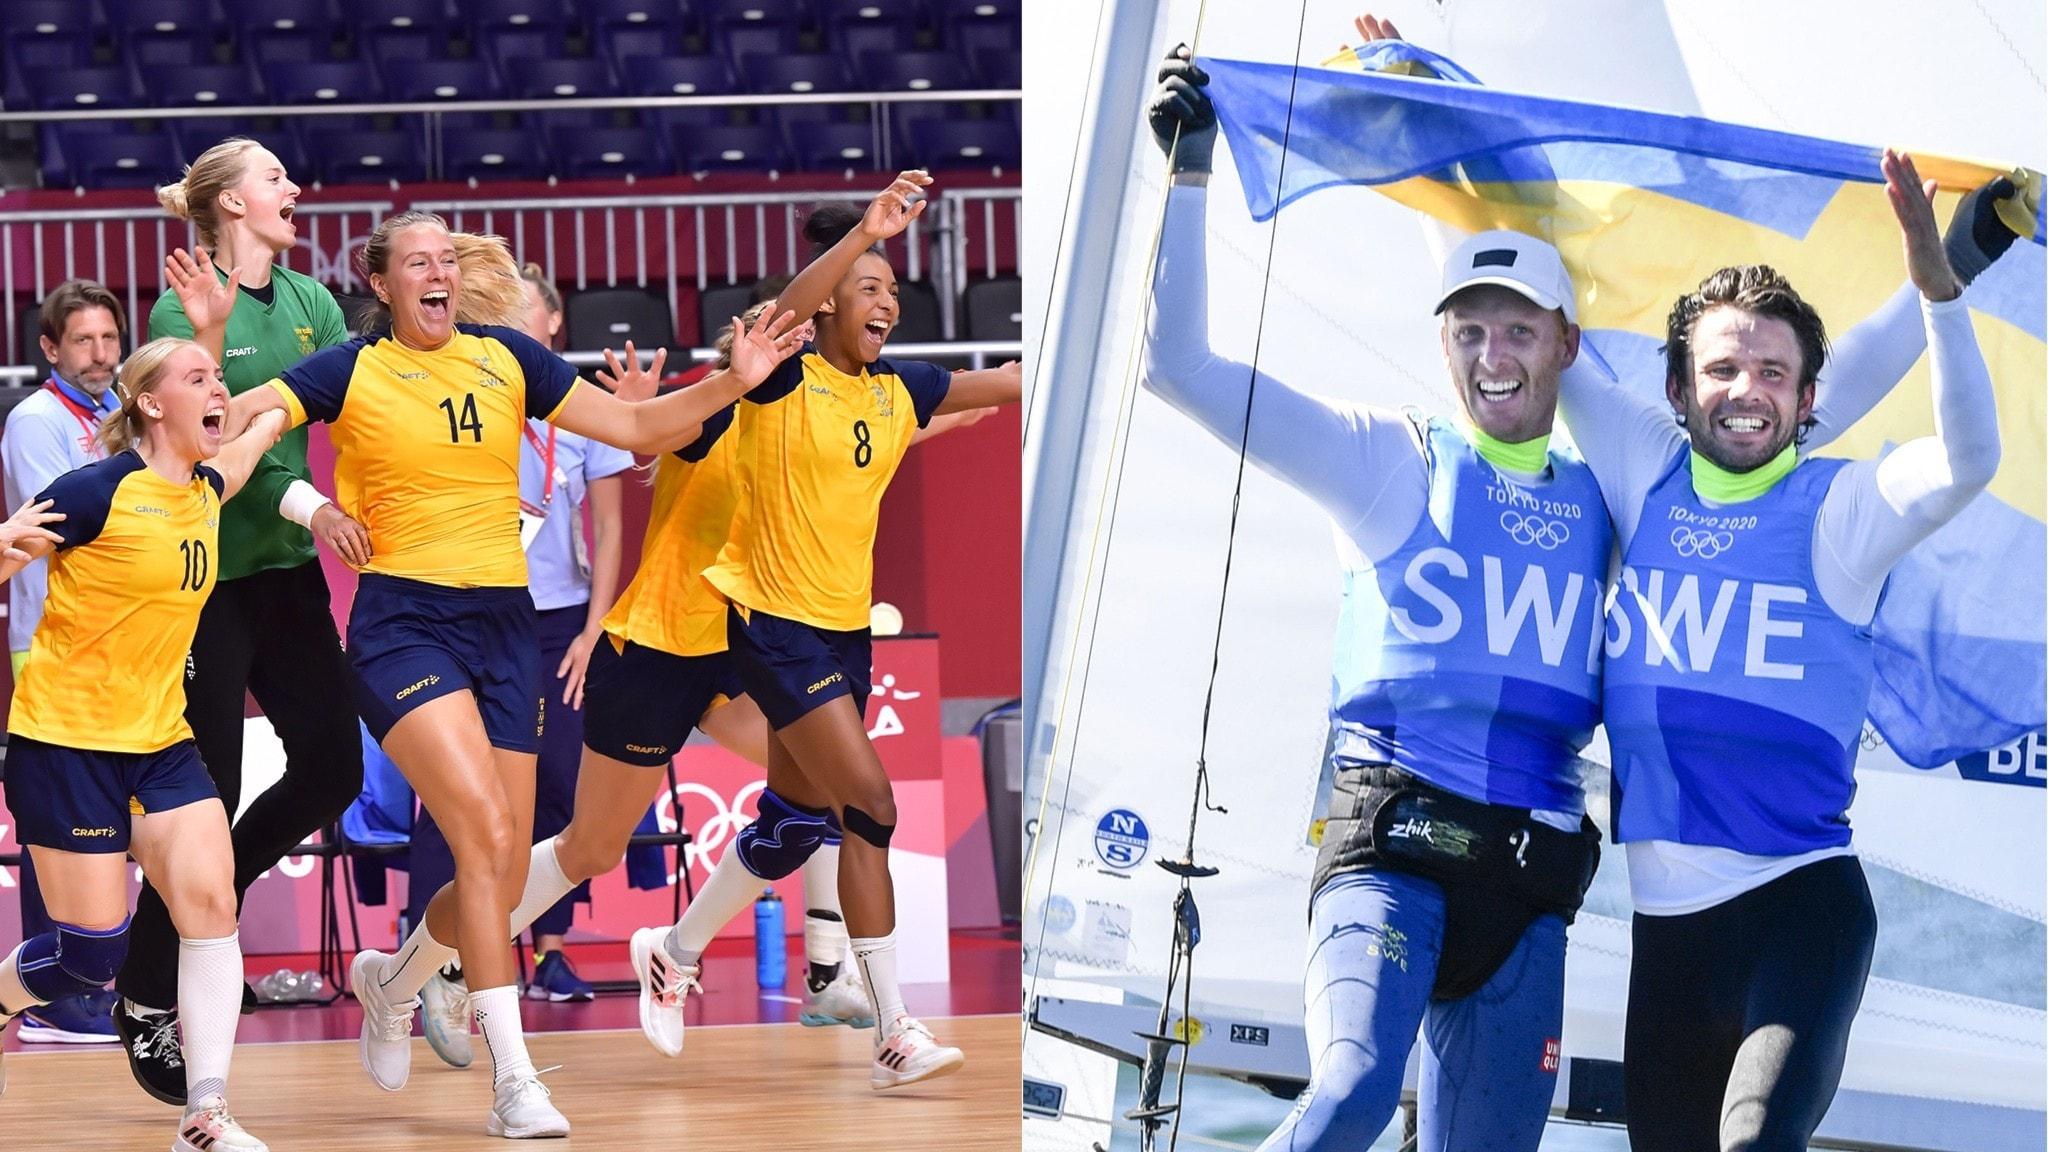 Dagens OS-rubriker: Sjätte svenska medaljen – Sagström leder golfen